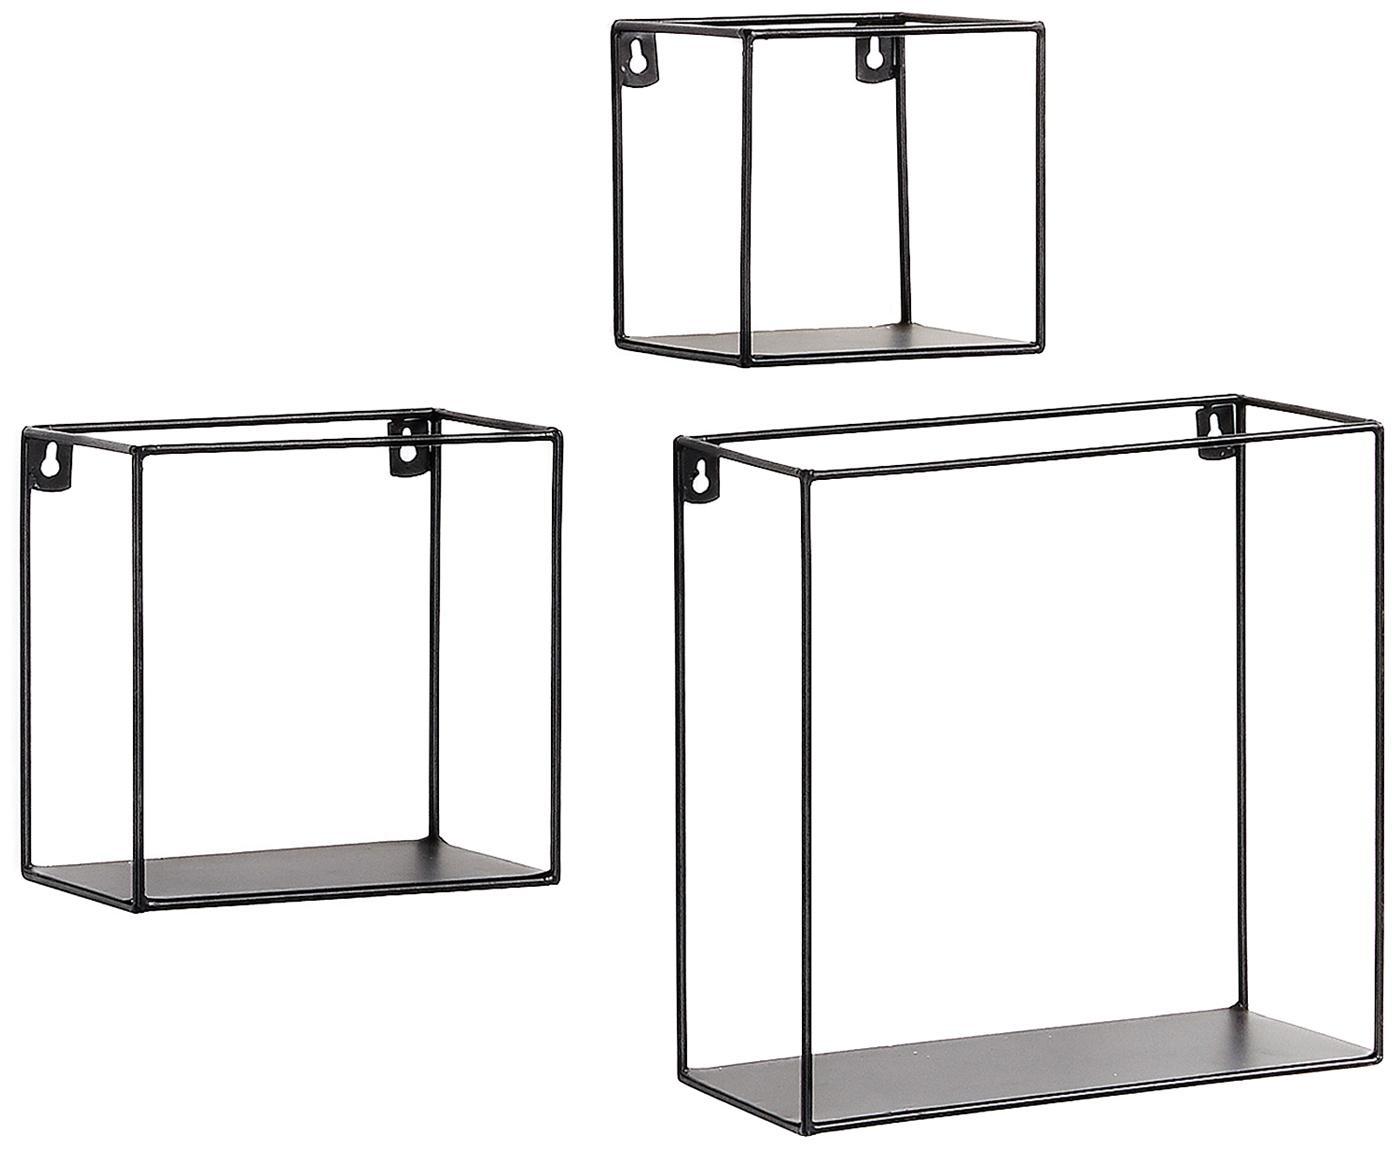 Mini Wandregal 3er-Set Nils in Schwarz, Metall, pulverbeschichtet, Schwarz, Verschiedene Grössen